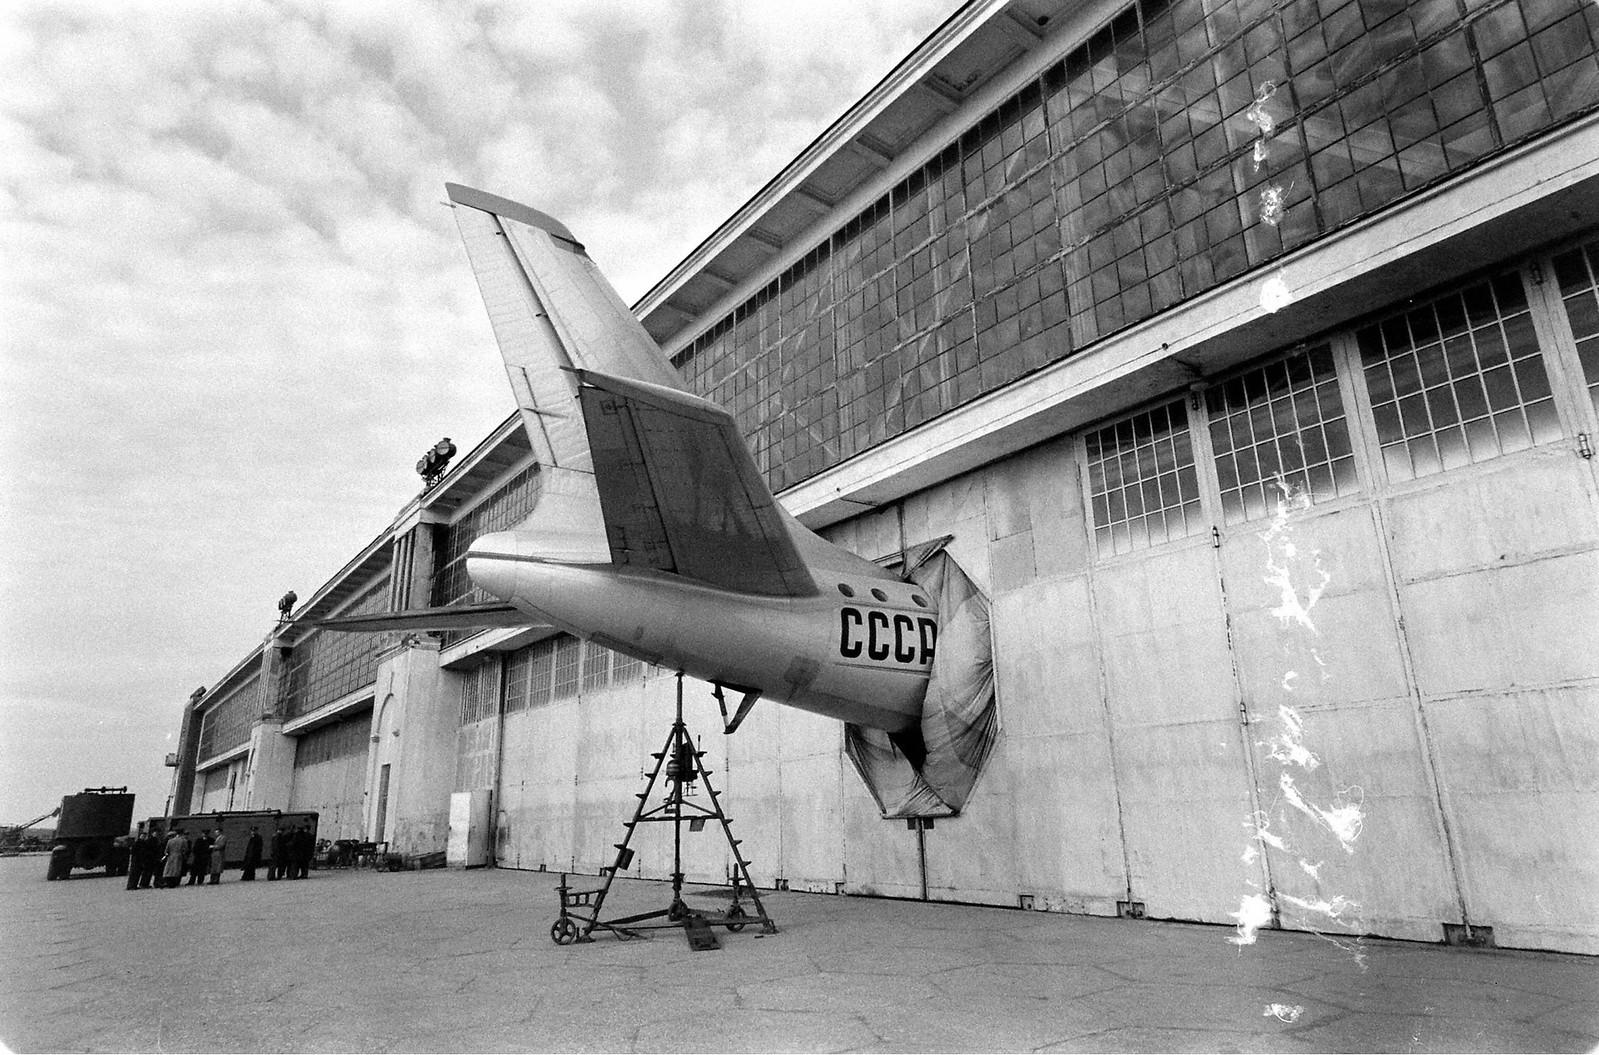 Самолет Ту-104 в ангаре аэропорта Внуково